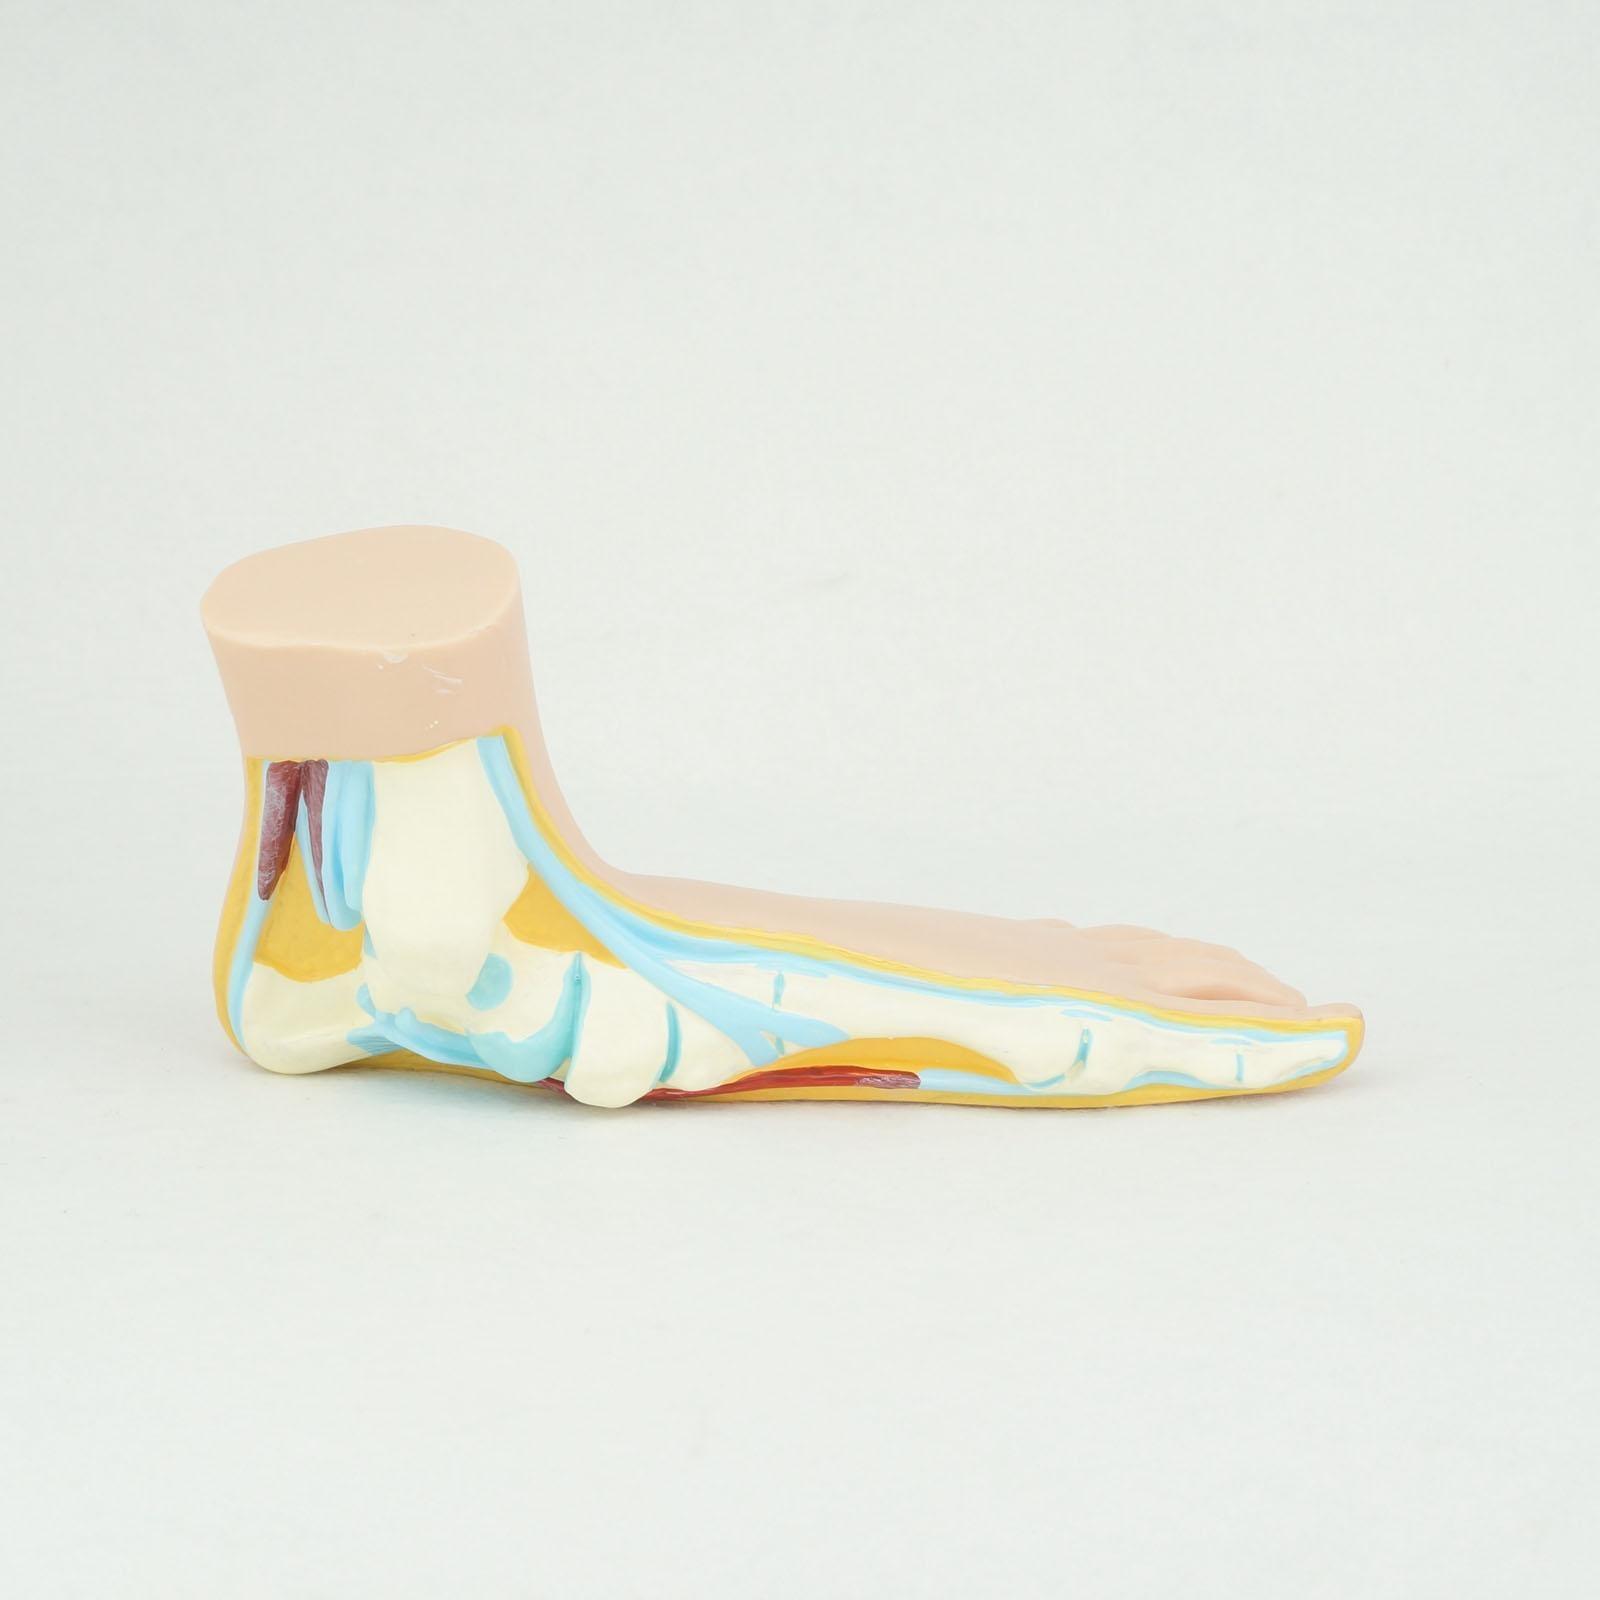 Normale Menschliche Fuß Platypodia Bogen Fuß Anatomie Modell Muscle ...